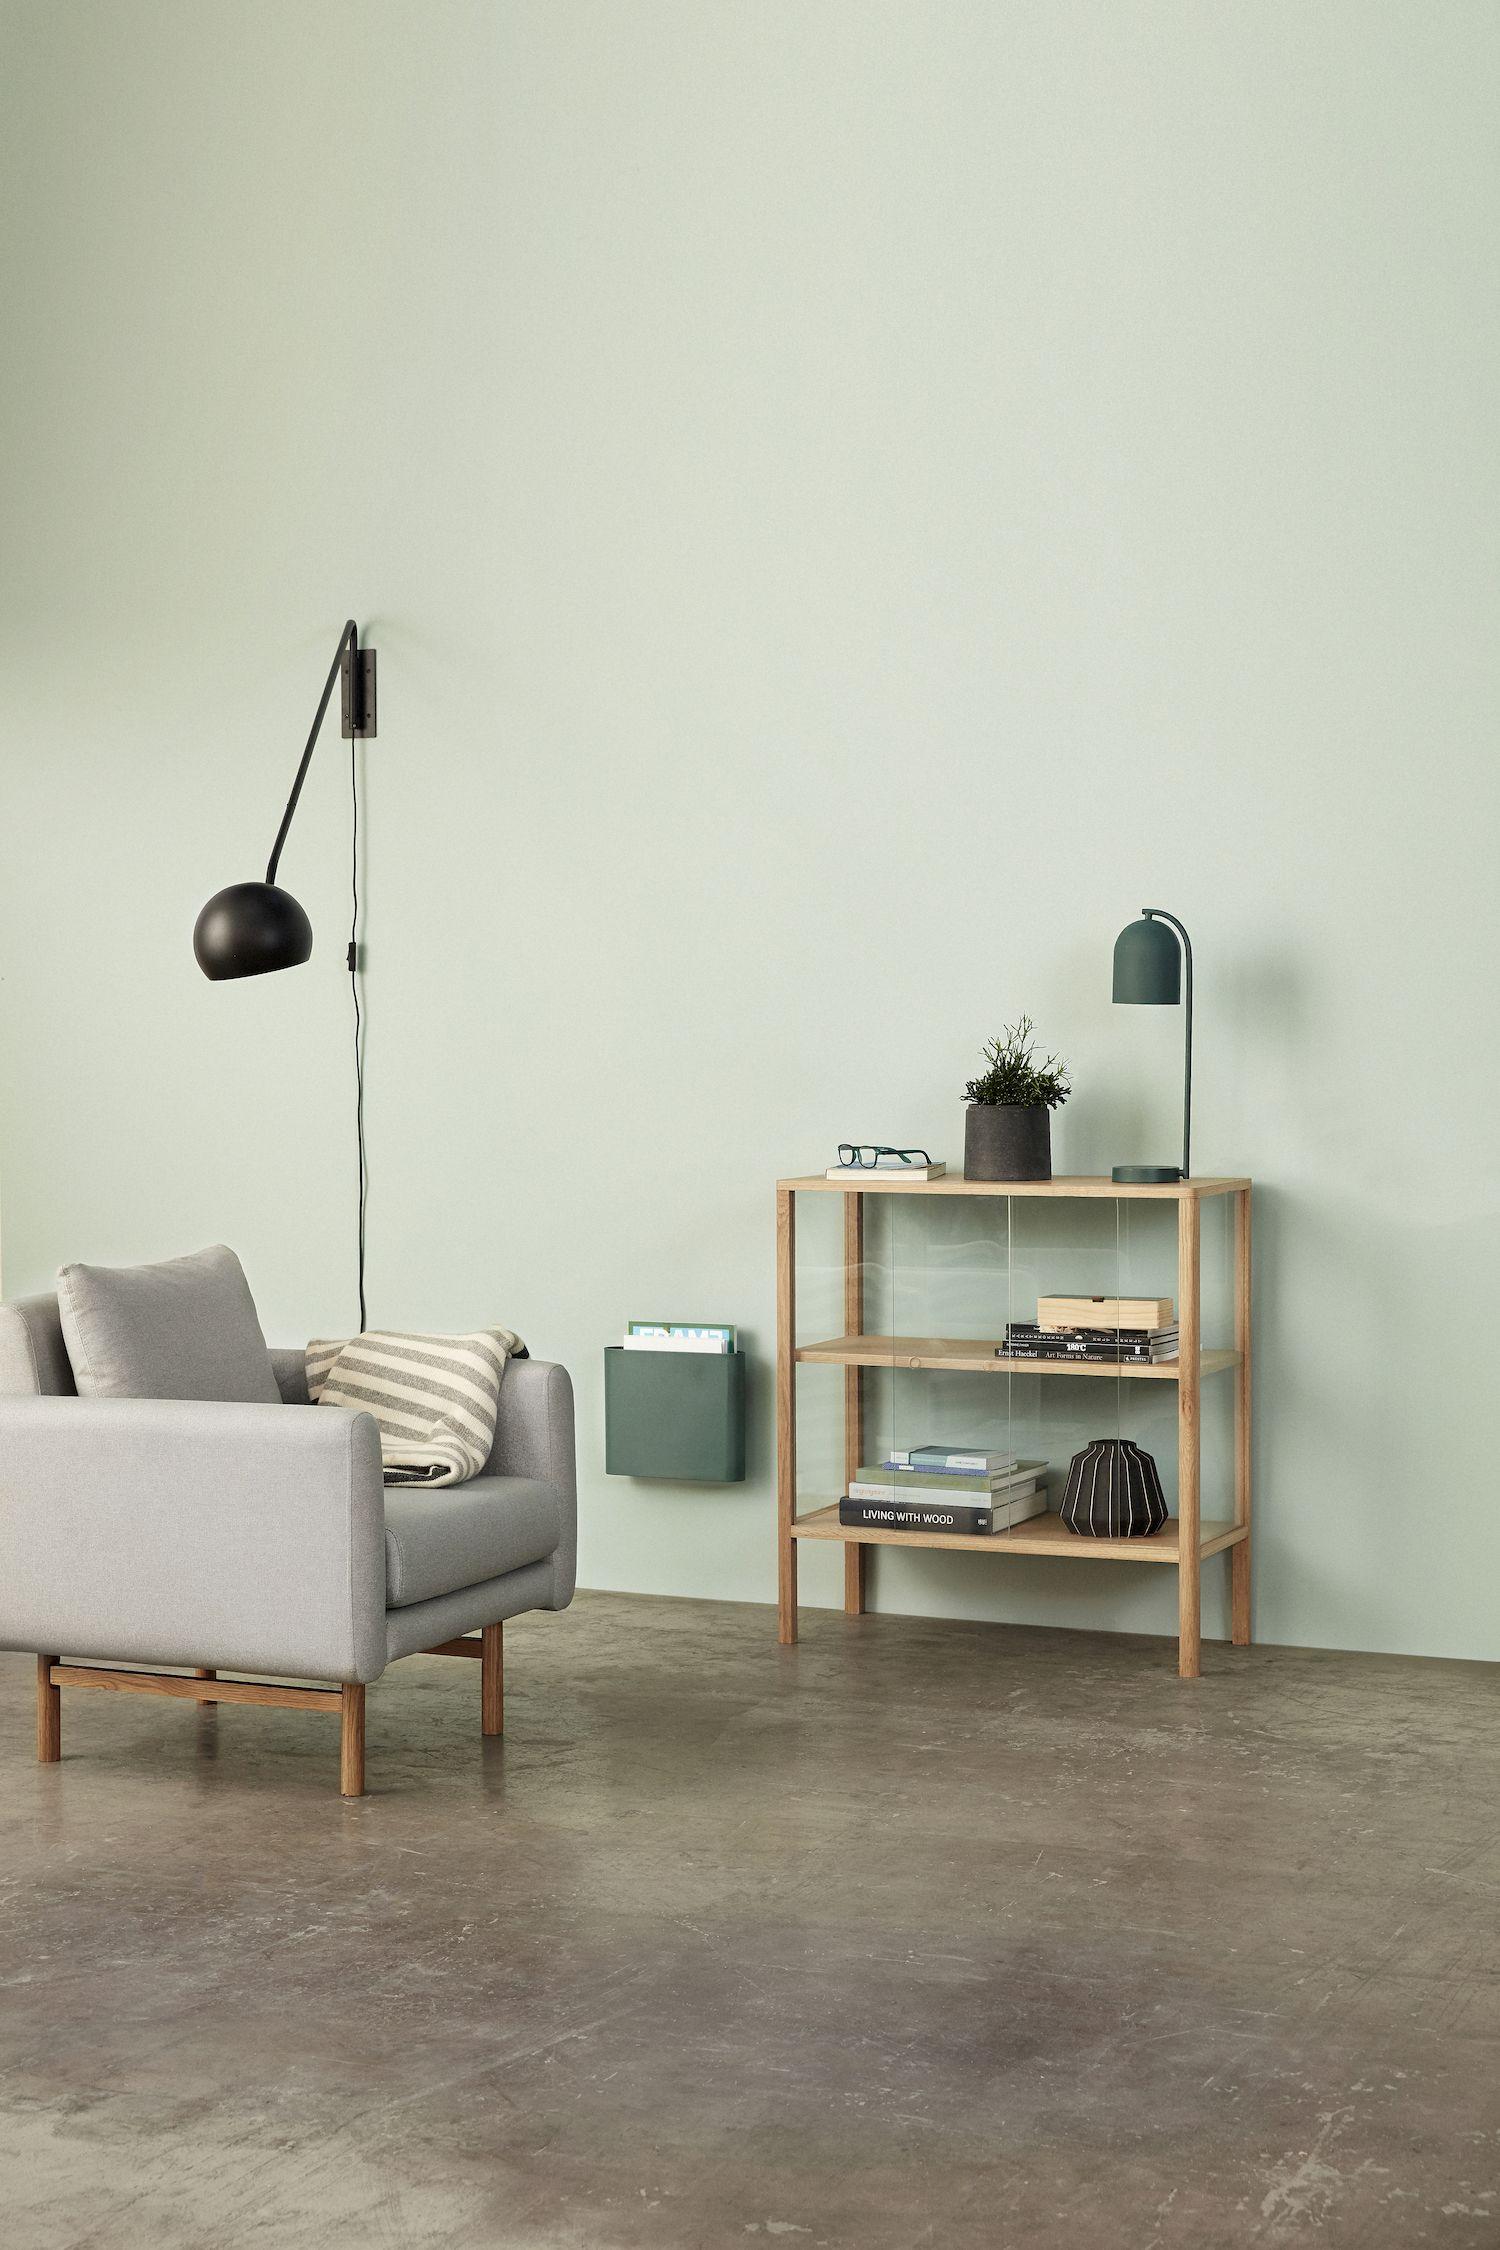 Hübsch Möbel möbel und accesseures hübsch interieur atelier sochor shop